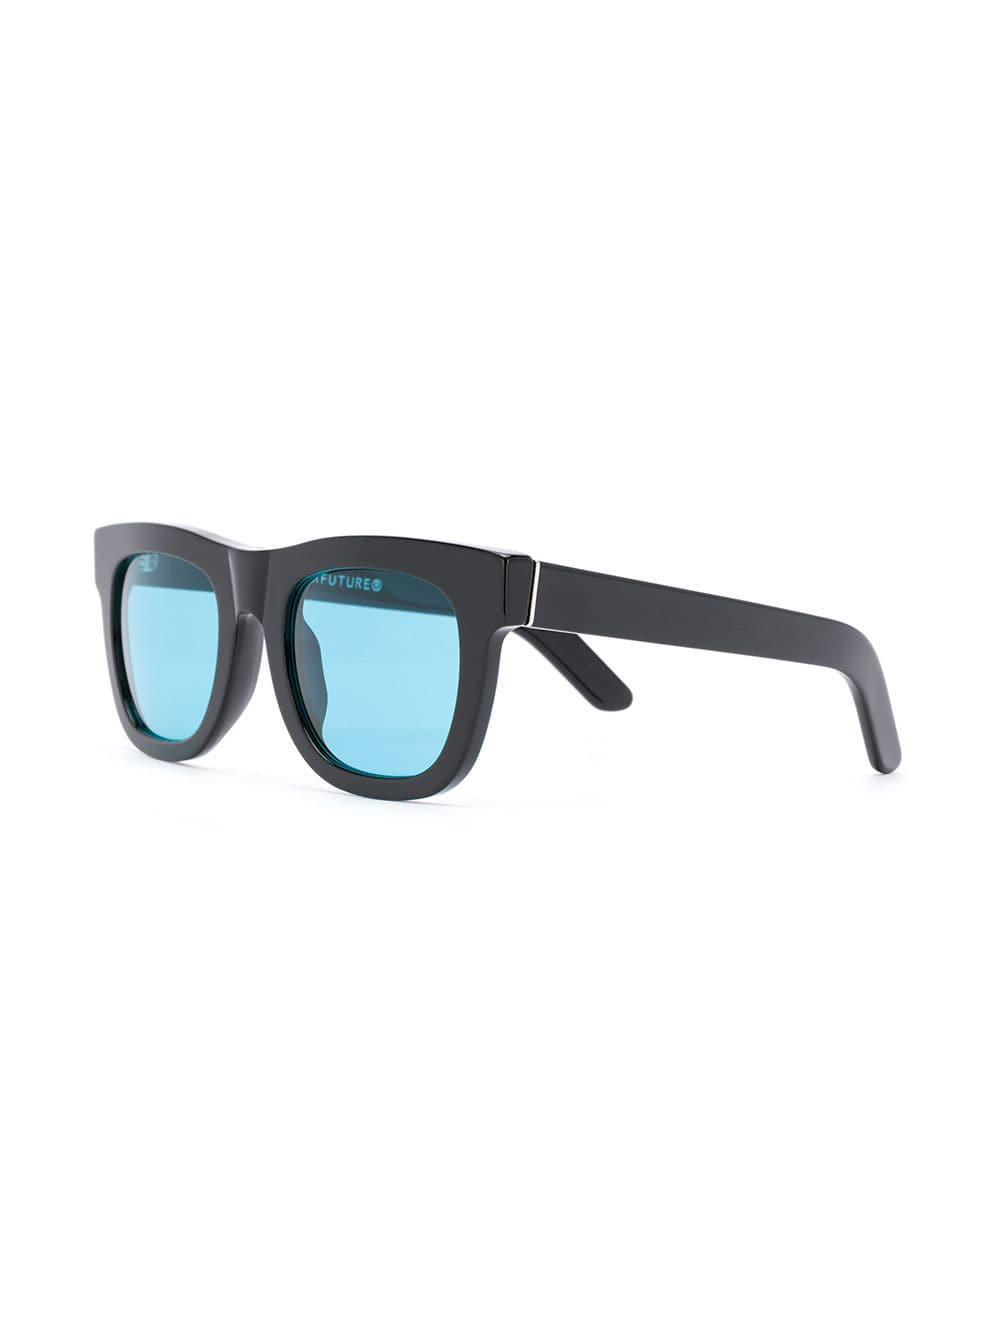 ca5a0d684bf1 Retrosuperfuture Ciccio Sunglasses in Blue - Lyst